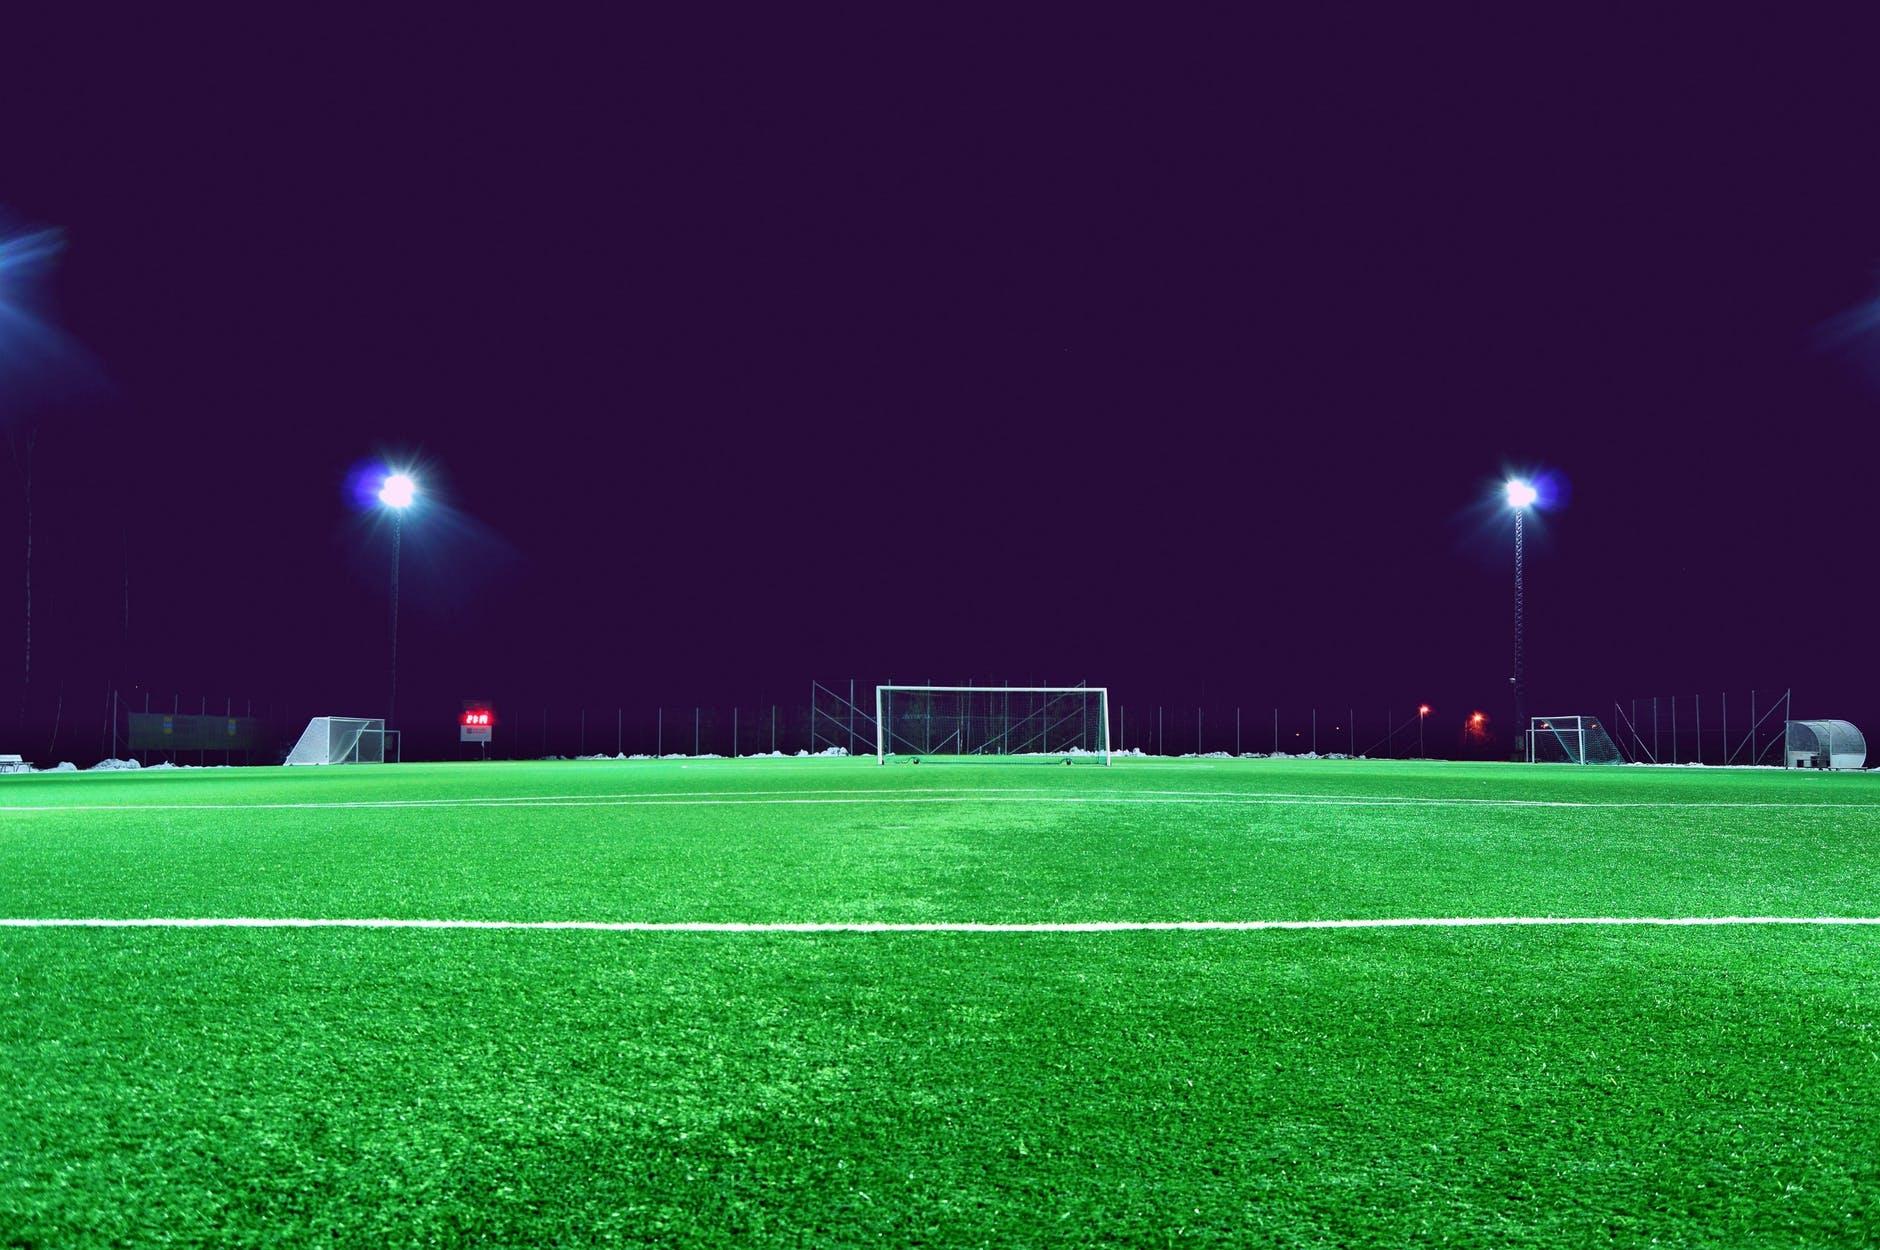 evening field football field goal